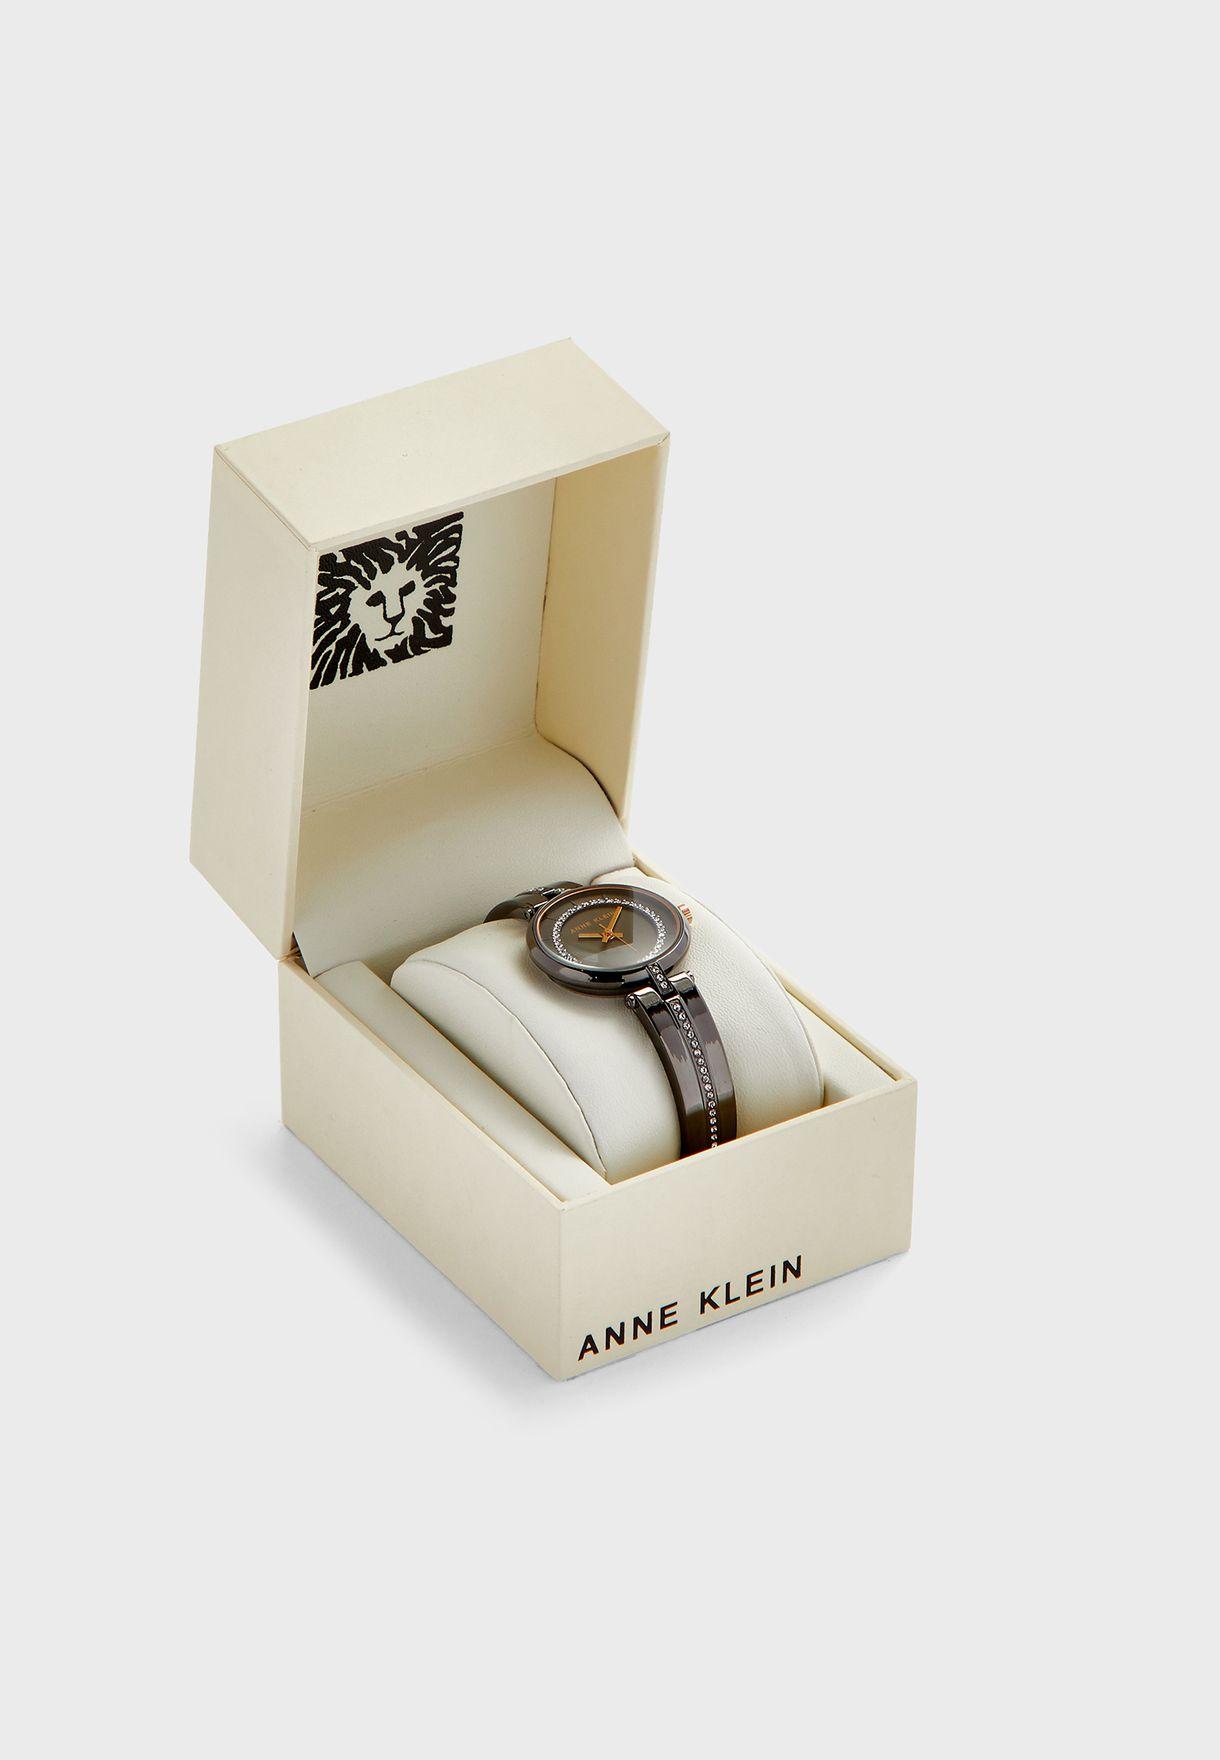 ساعة انالوج مزينة بكريستالات سواروفسكي AK3249GYRT